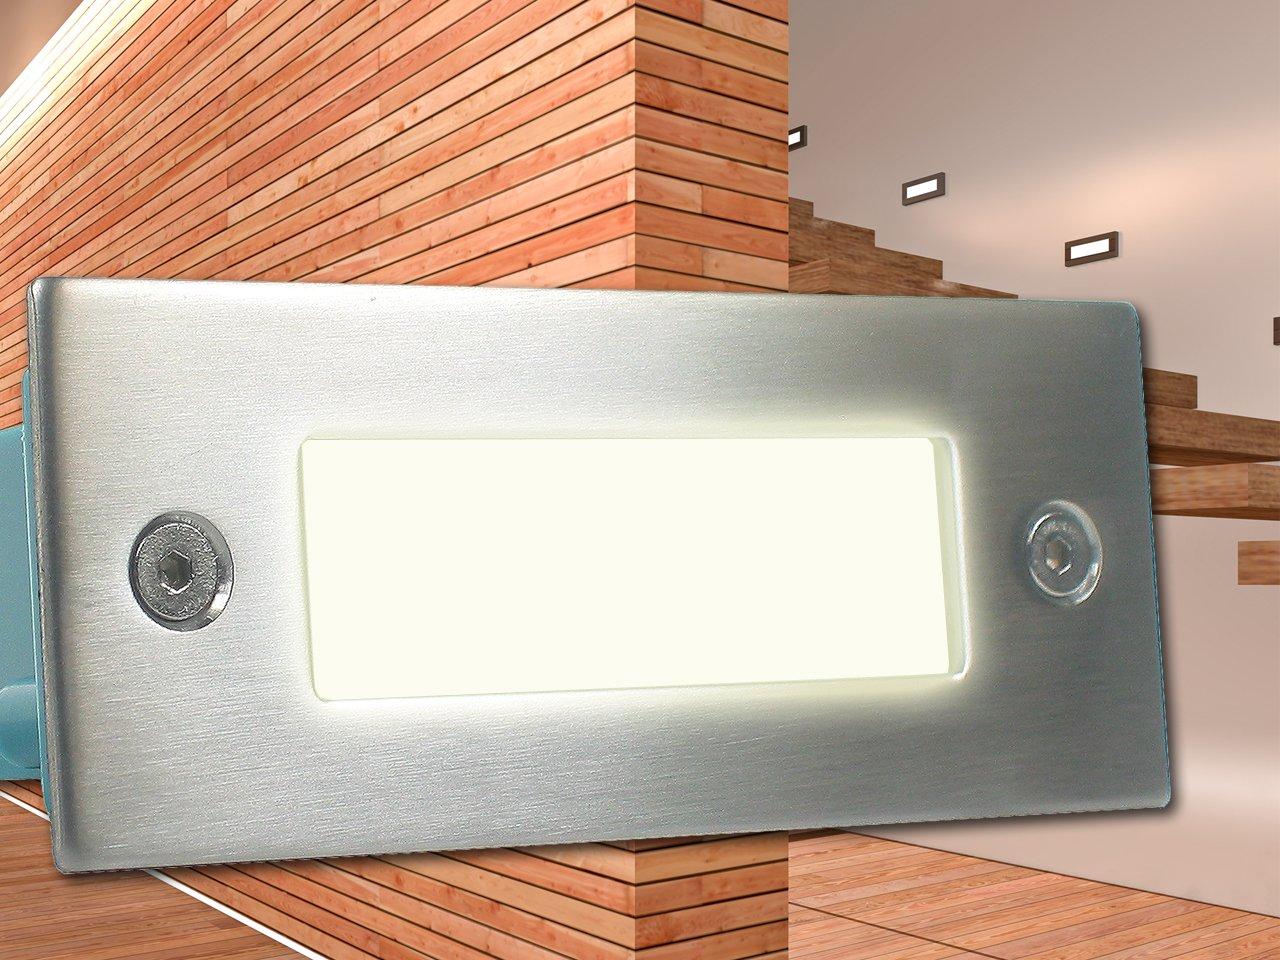 Großzügig Ideen Treppenbeleuchtung Aussen Bilder - Die Designideen ...